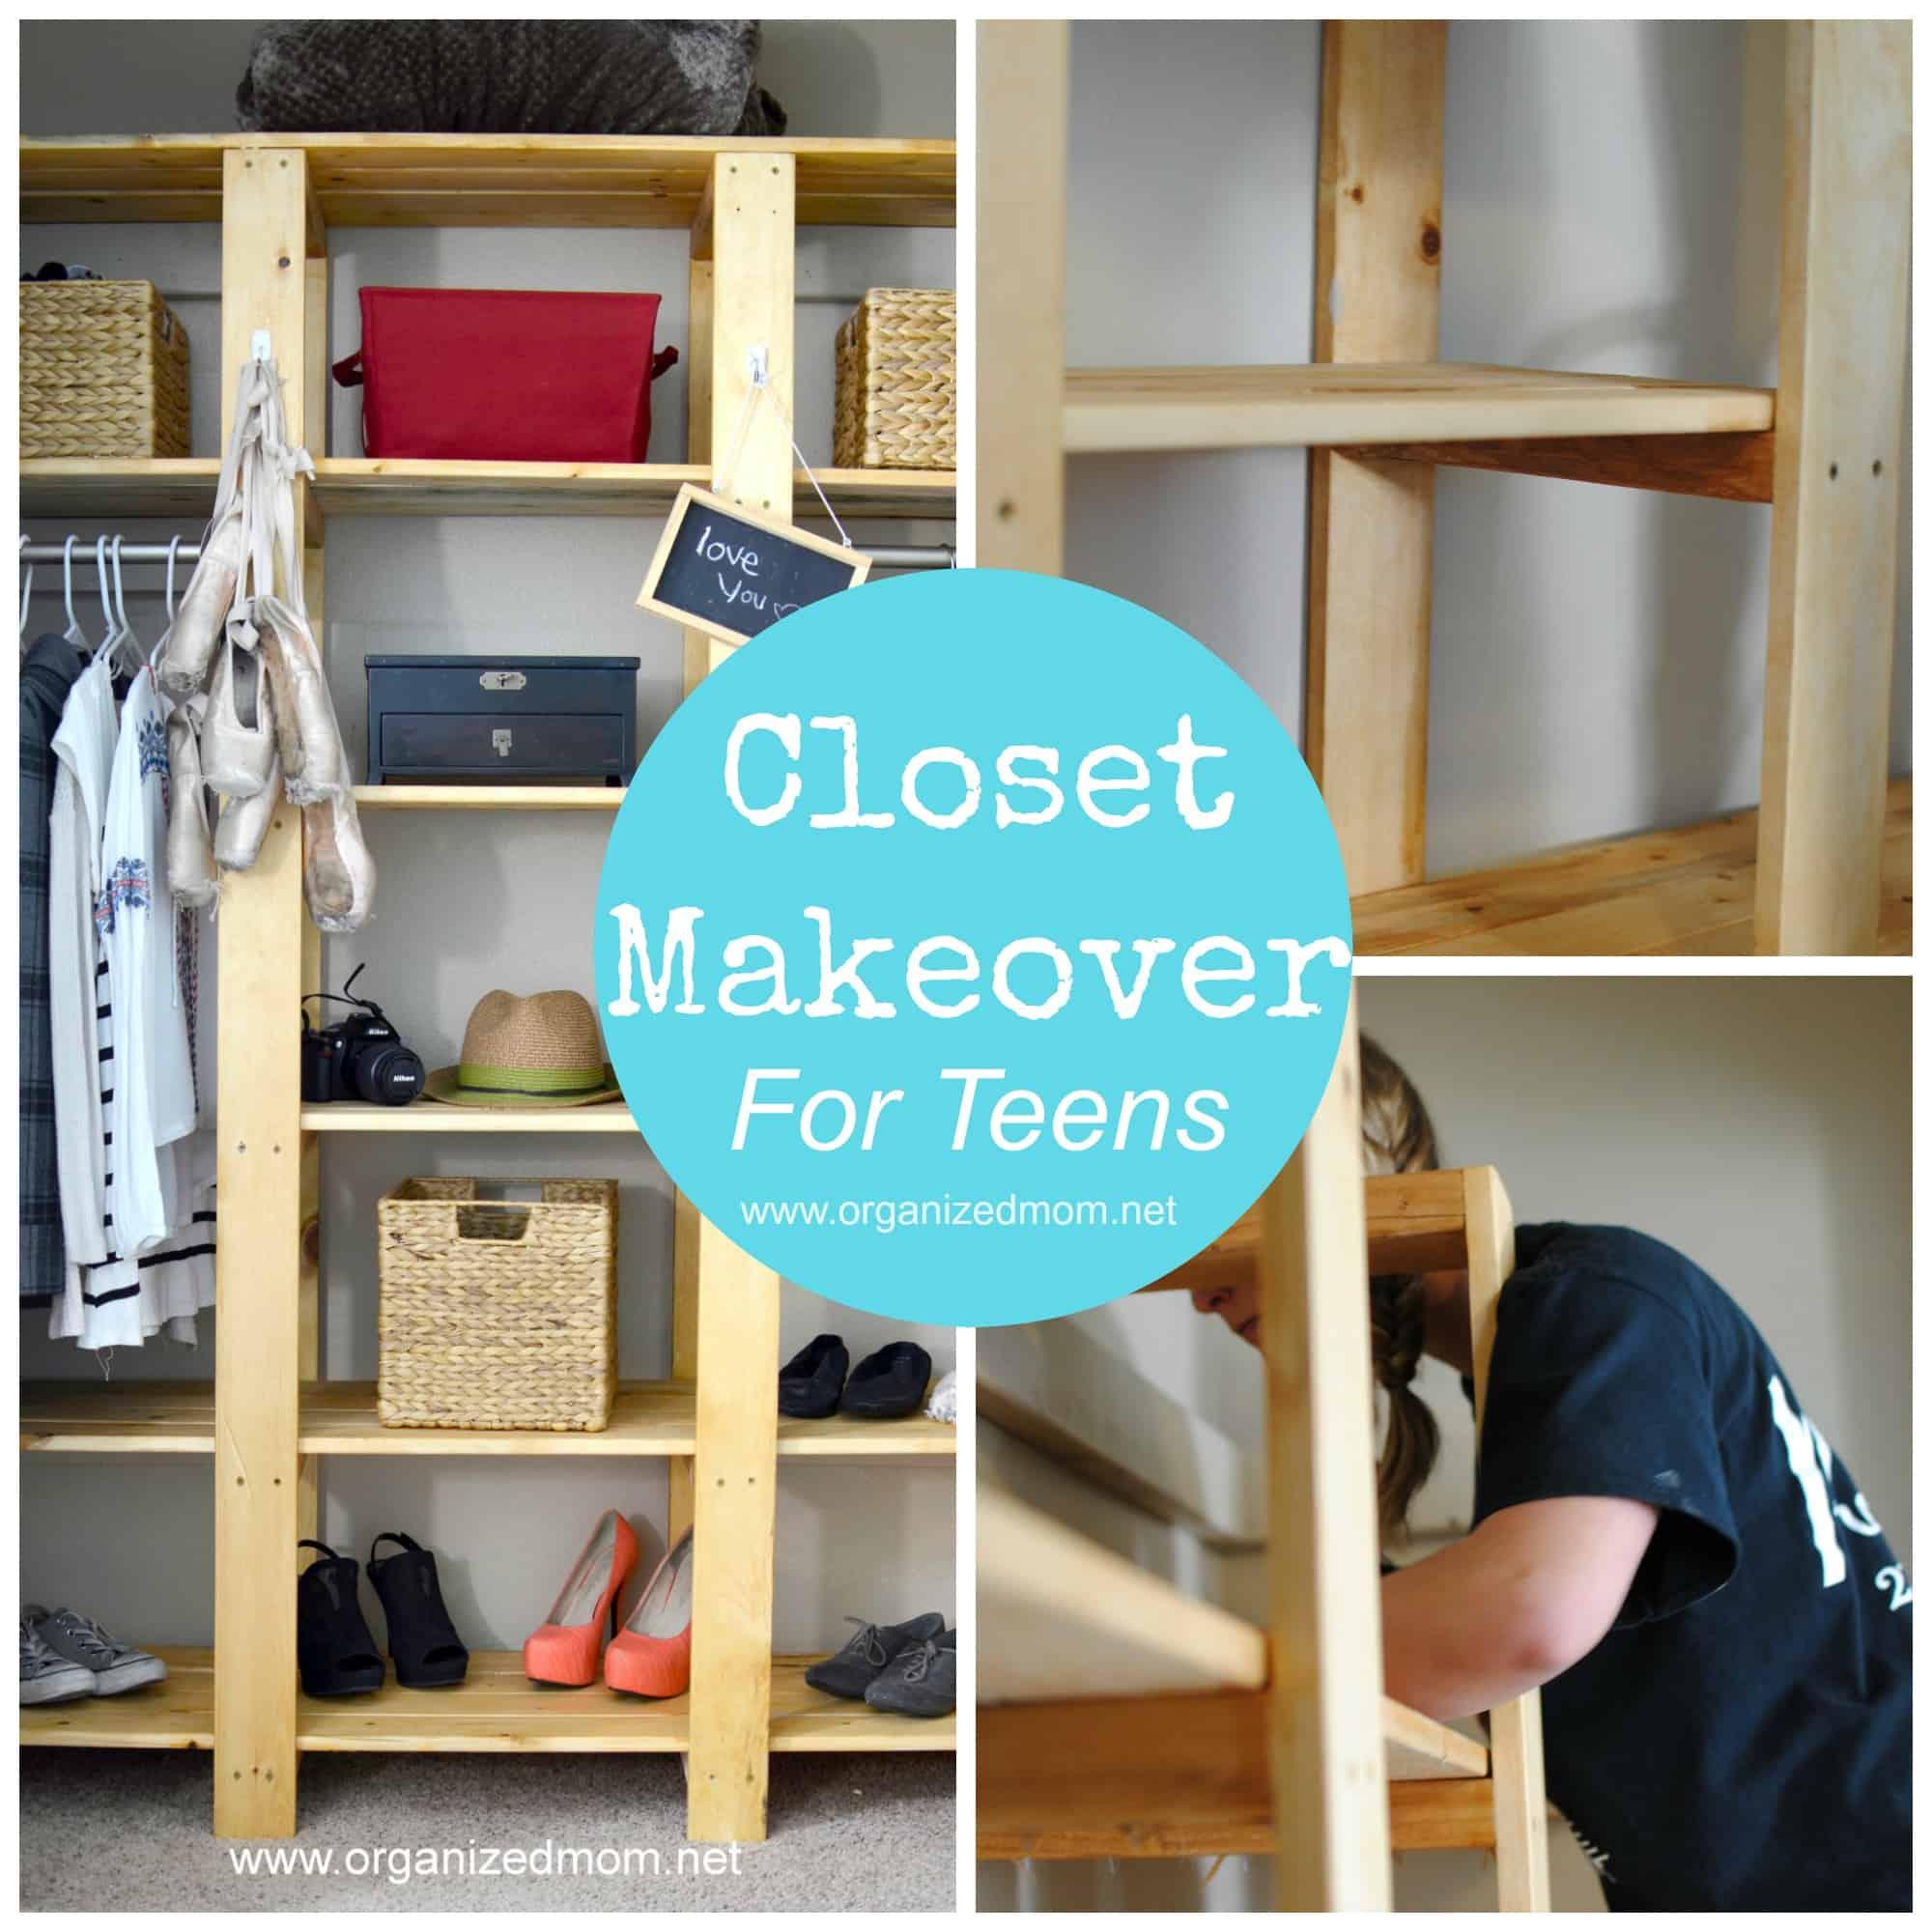 diy-closet-makeover-for-teens-square